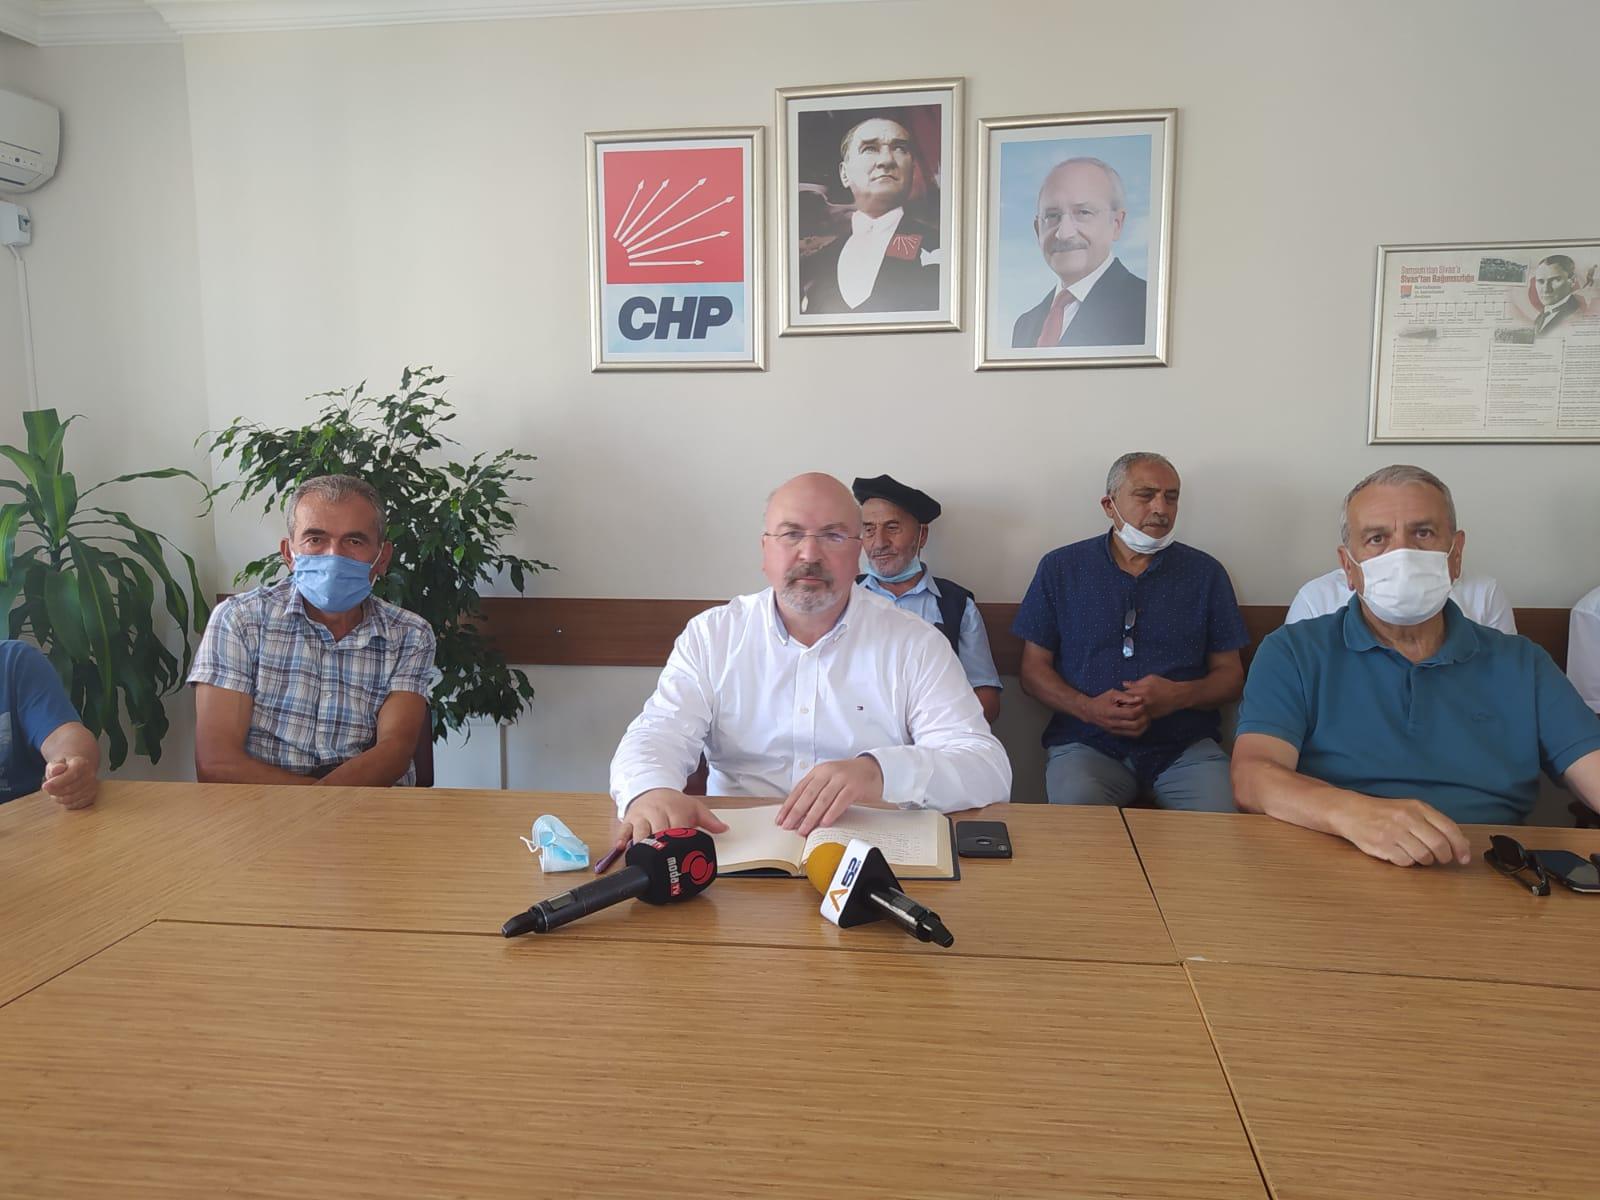 CHP EKONOMİ MASASI HEYETİ ORDU'YA GELİYOR